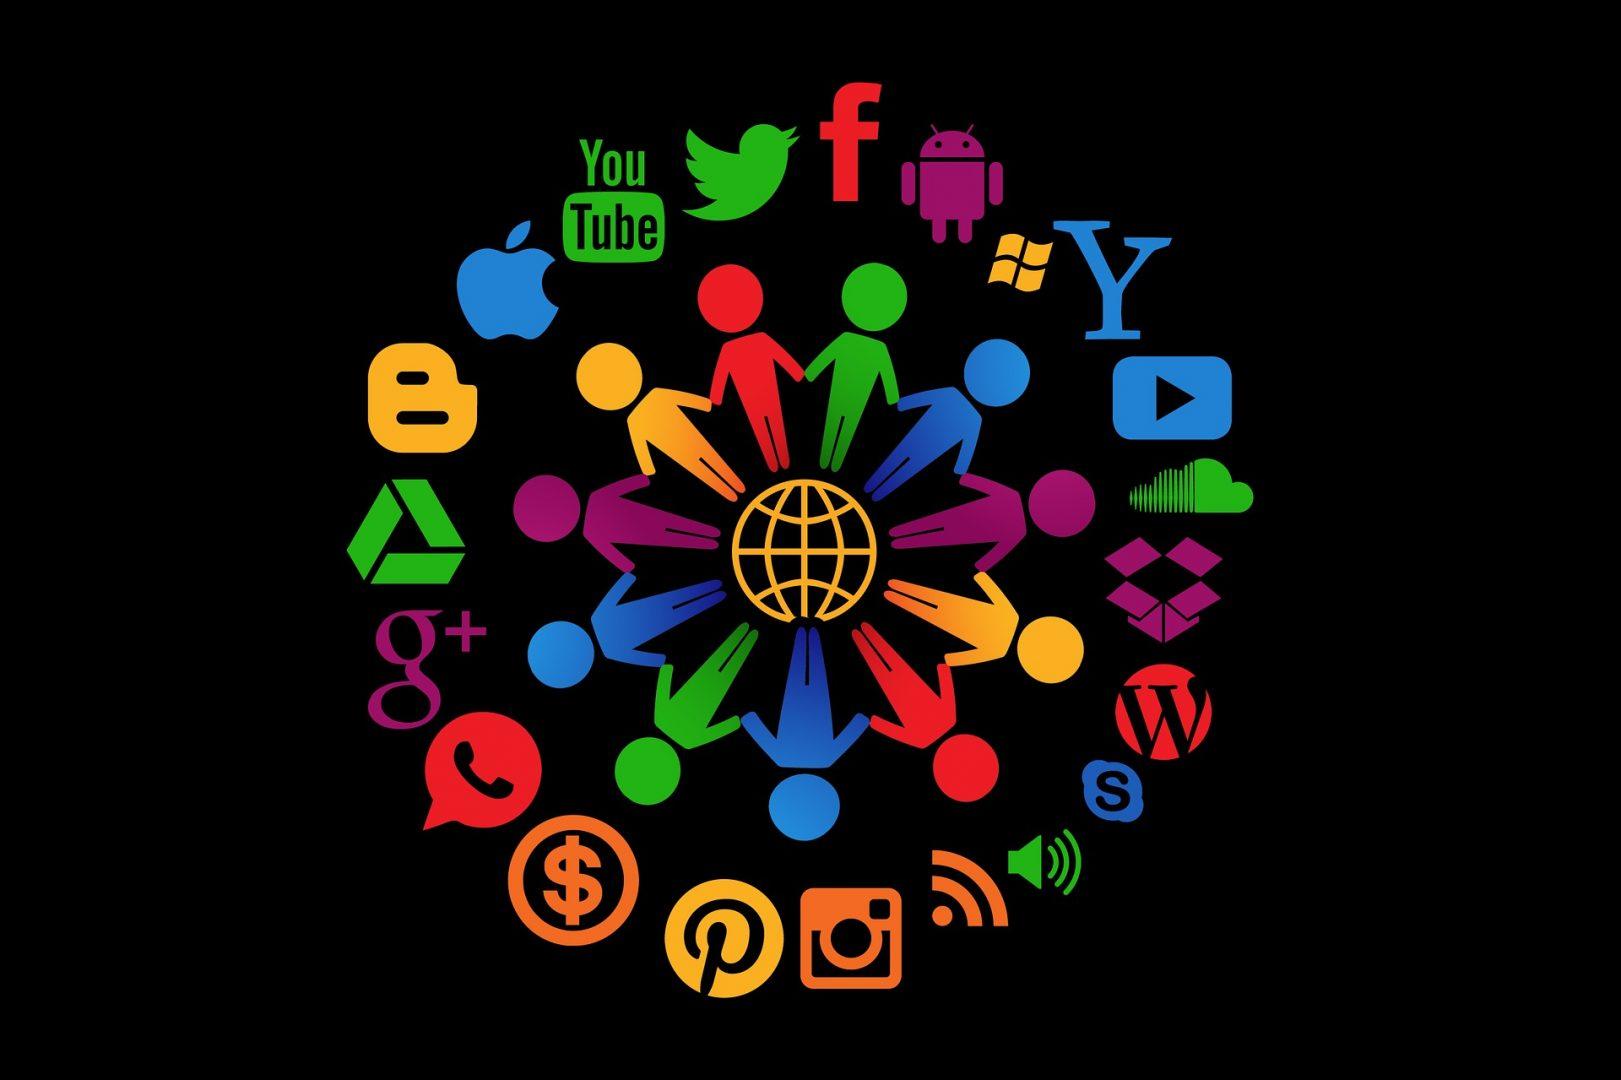 radio amiga internacional,radio, online,paz,redes sociales